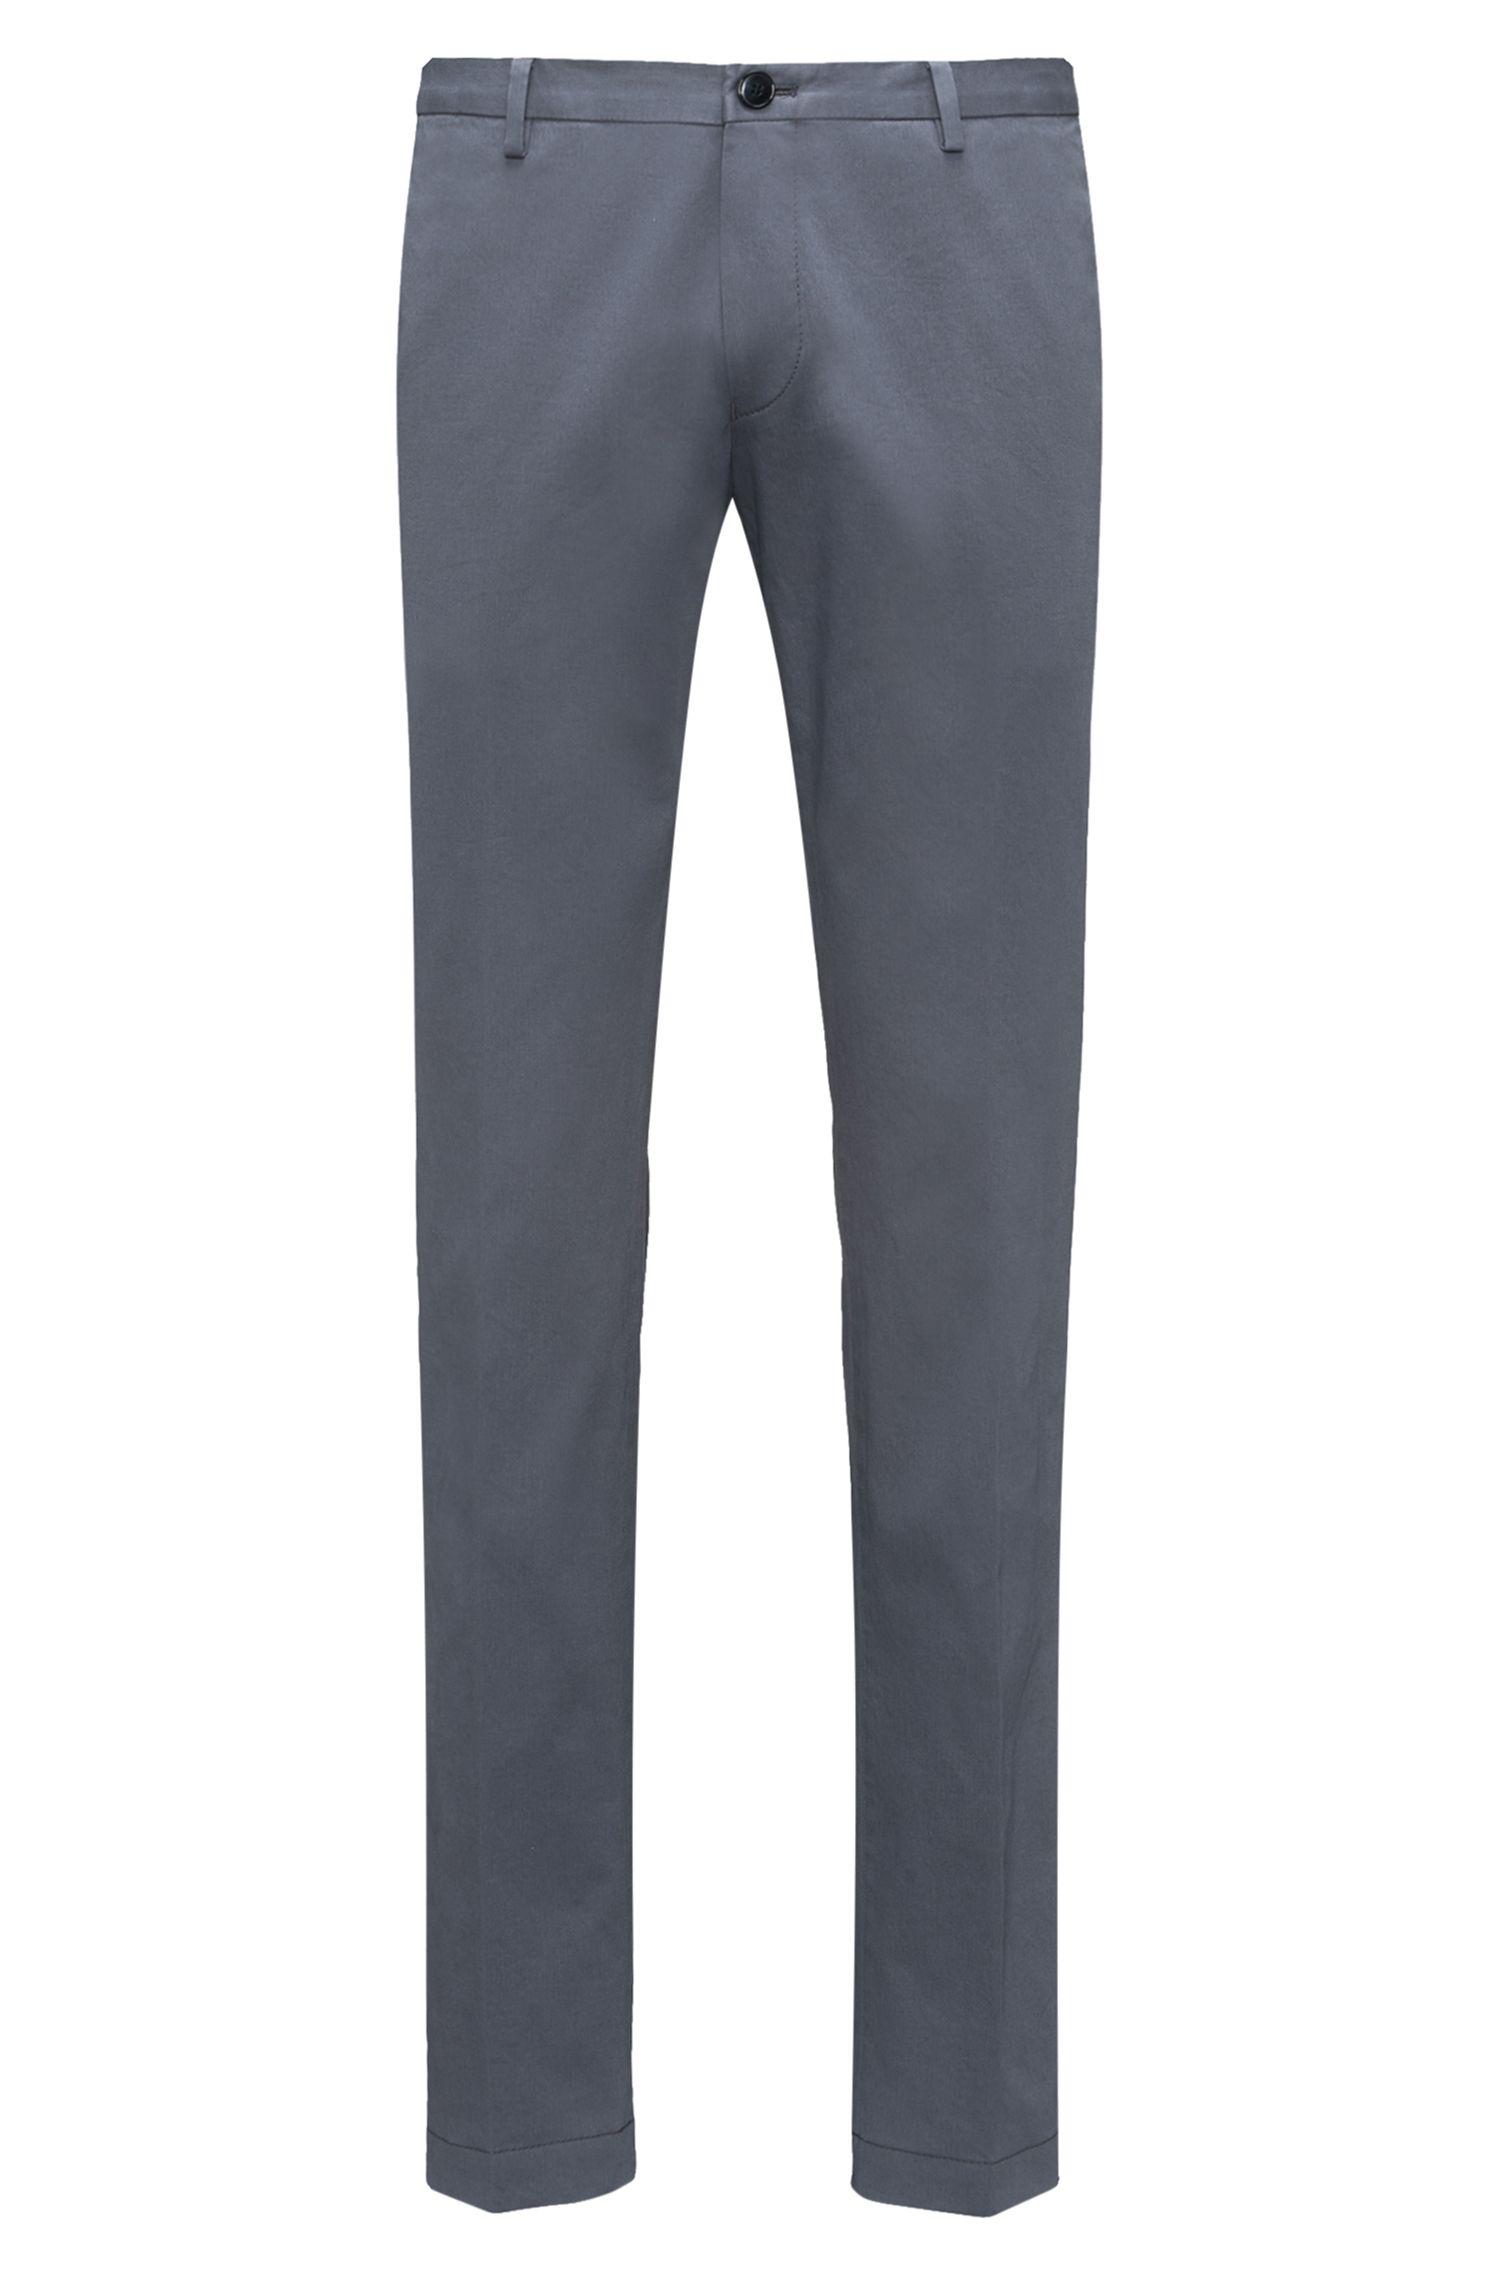 Pantaloni slim fit in cotone elasticizzato con lavaggio delicato